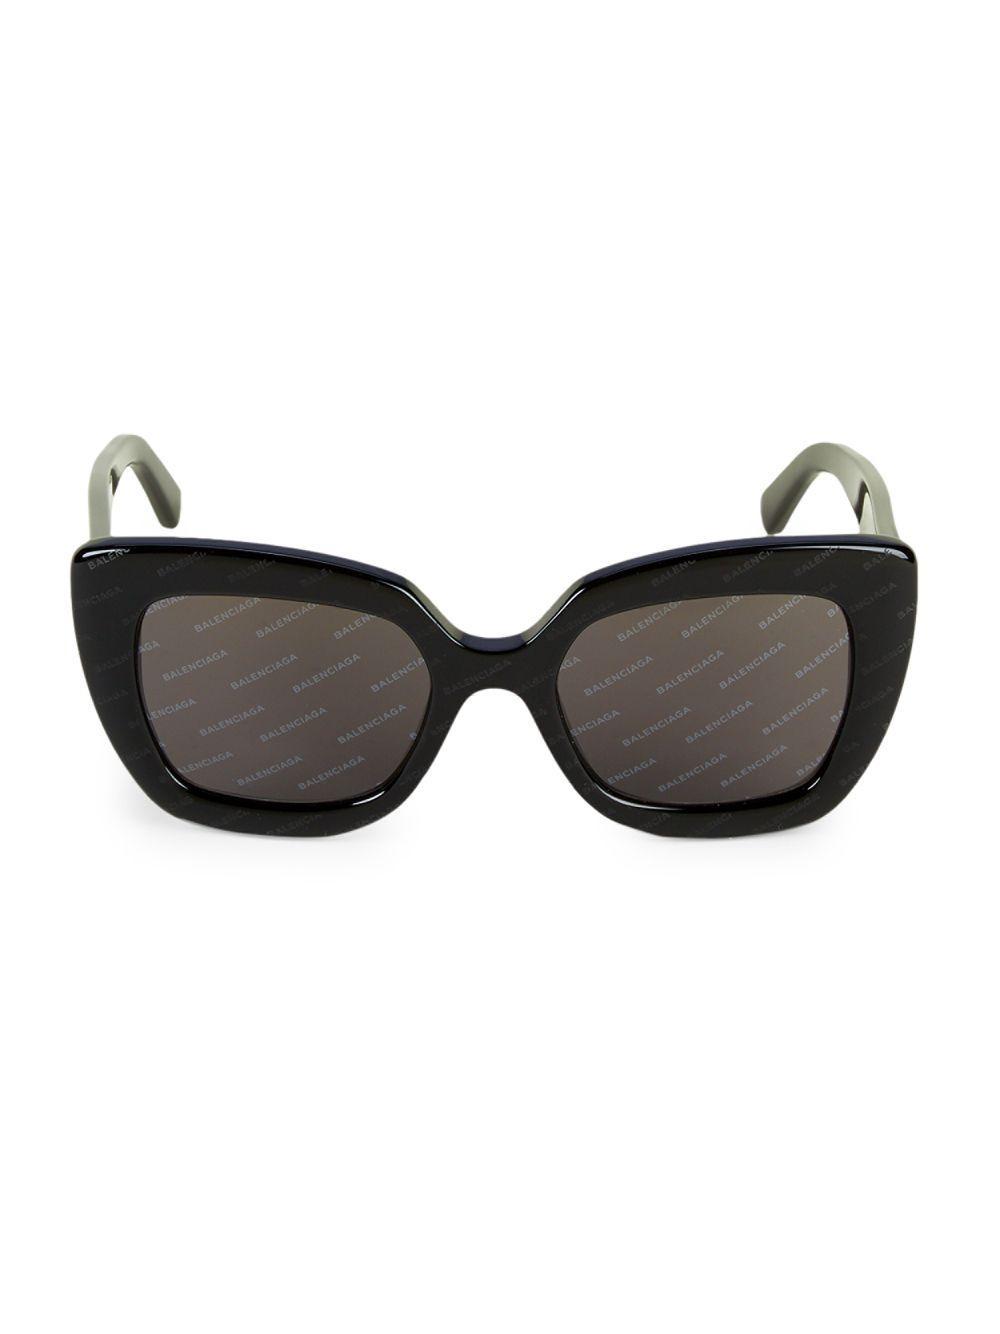 fa41bf60e3f Balenciaga - Black 52mm Square Sunglasses - Lyst. View fullscreen